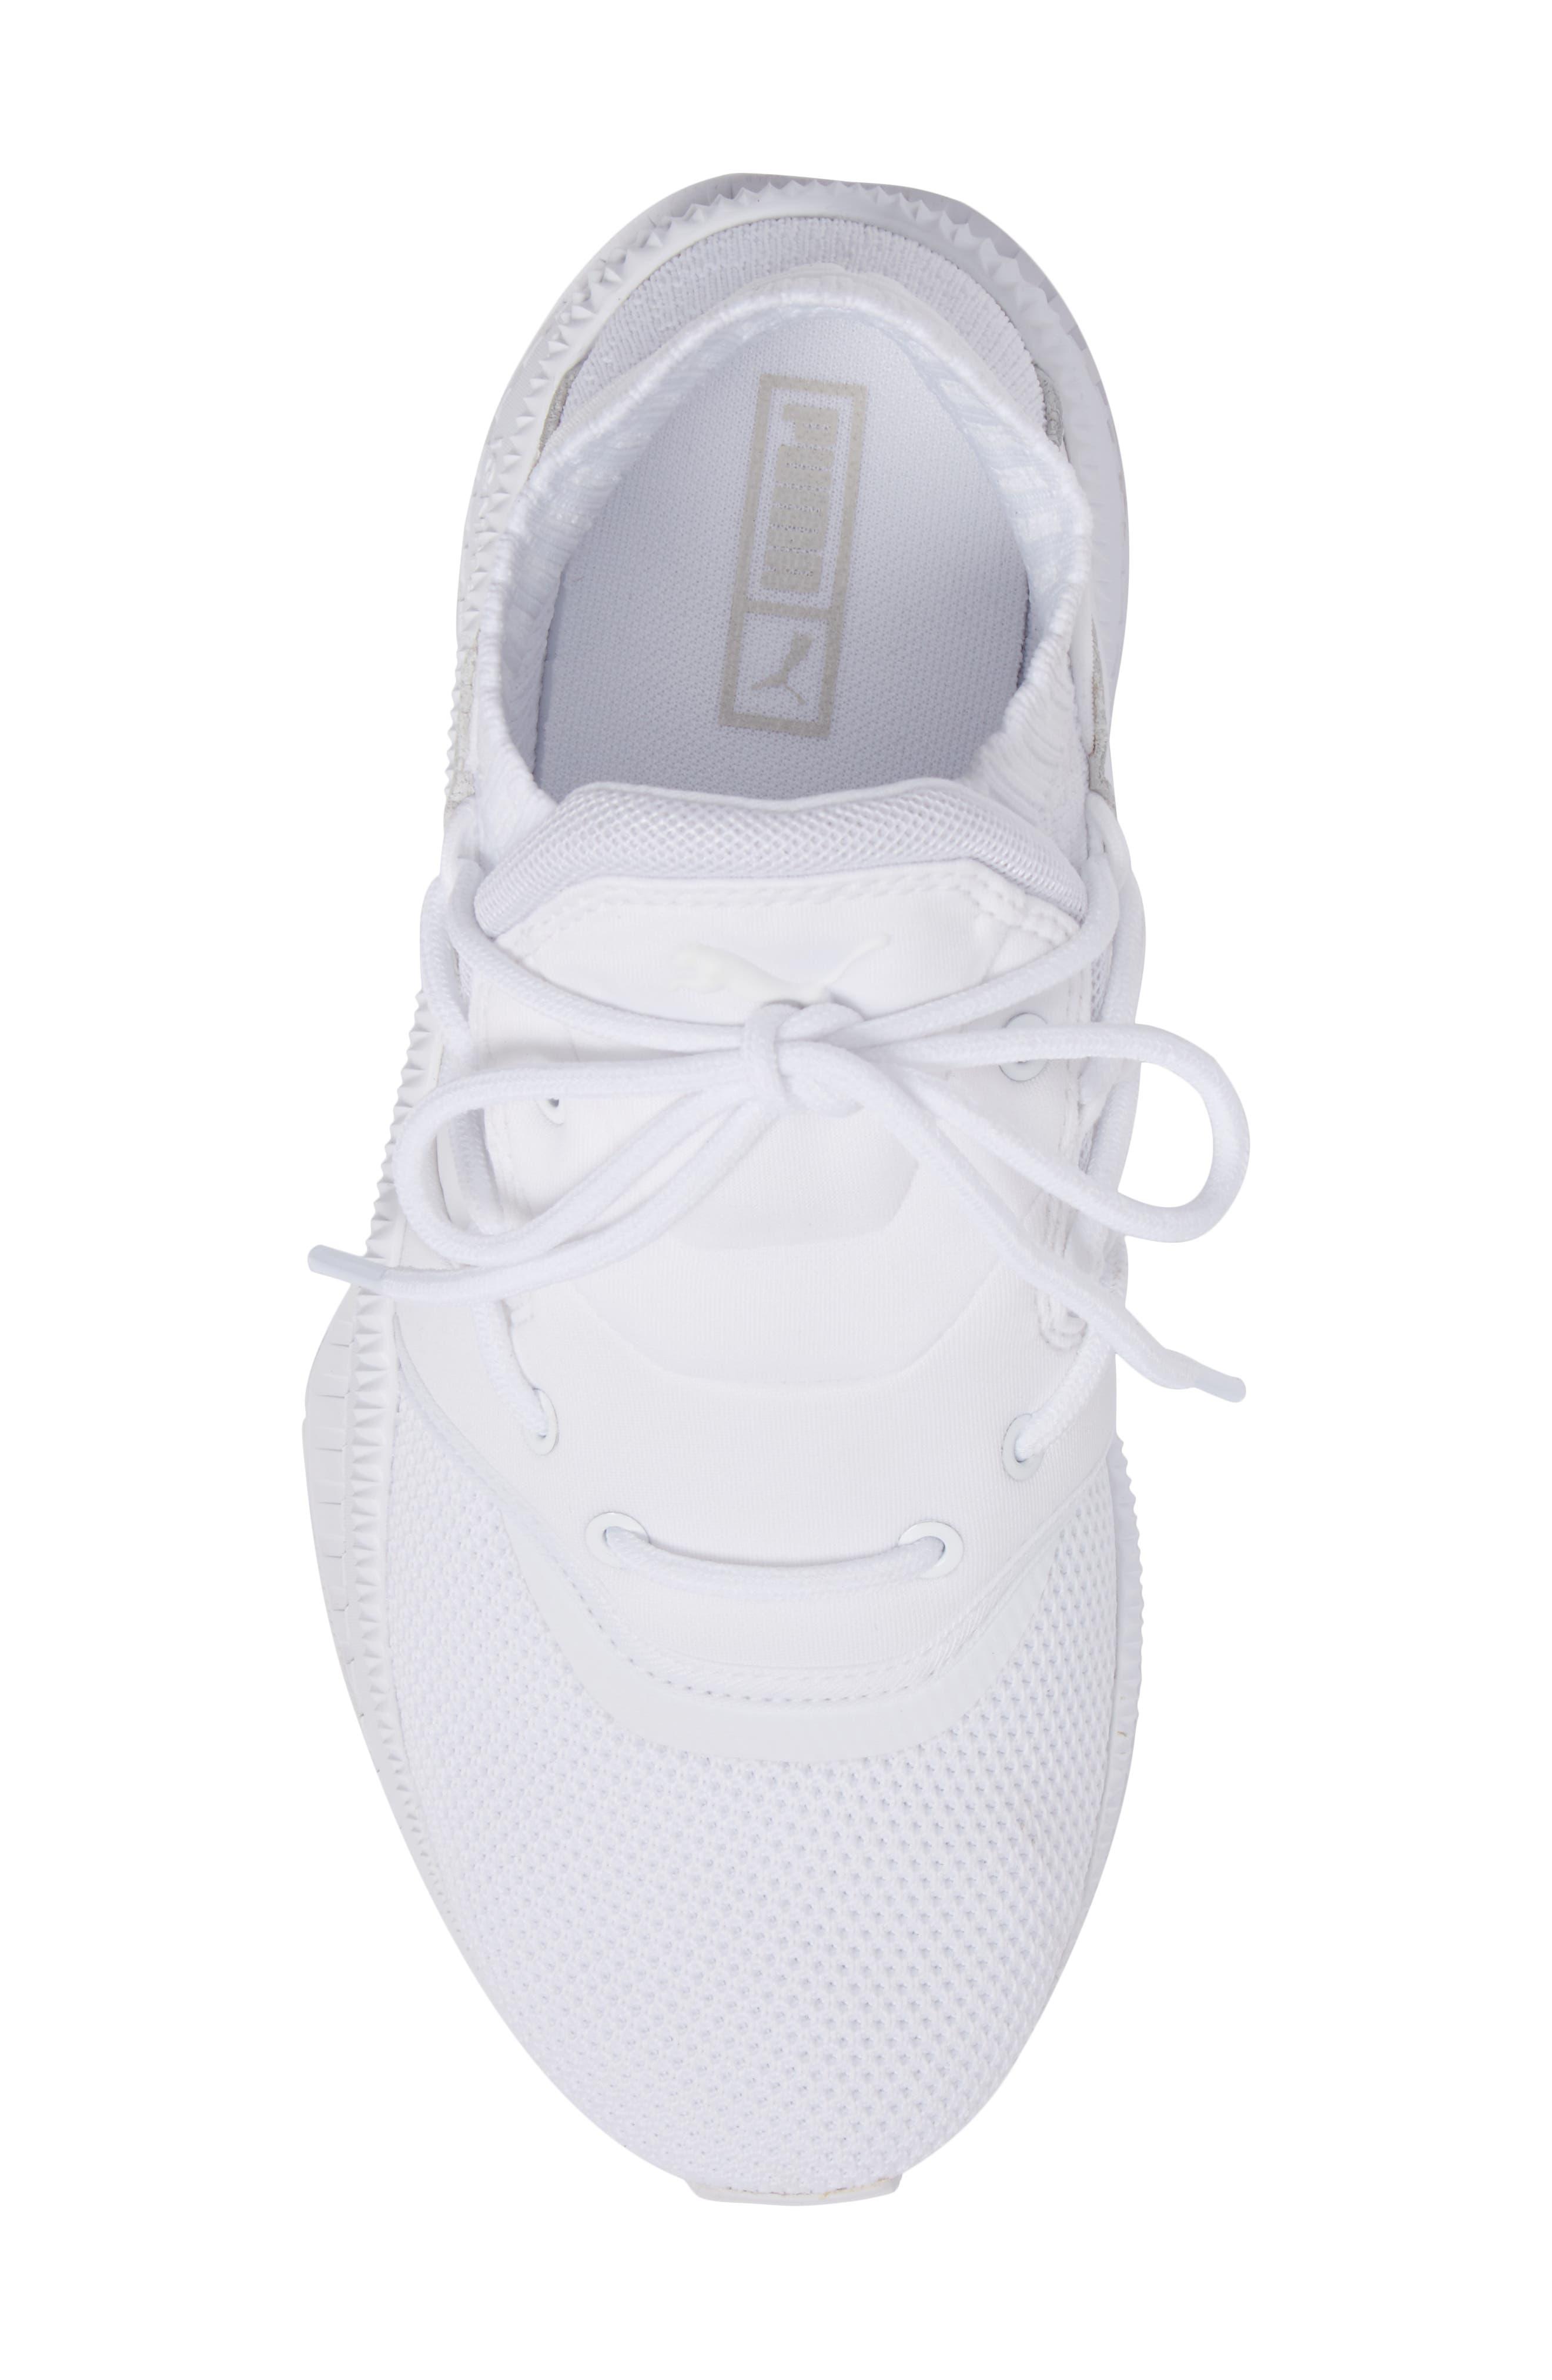 Tsugi Shinsei Jr Training Shoe,                             Alternate thumbnail 4, color,                             White